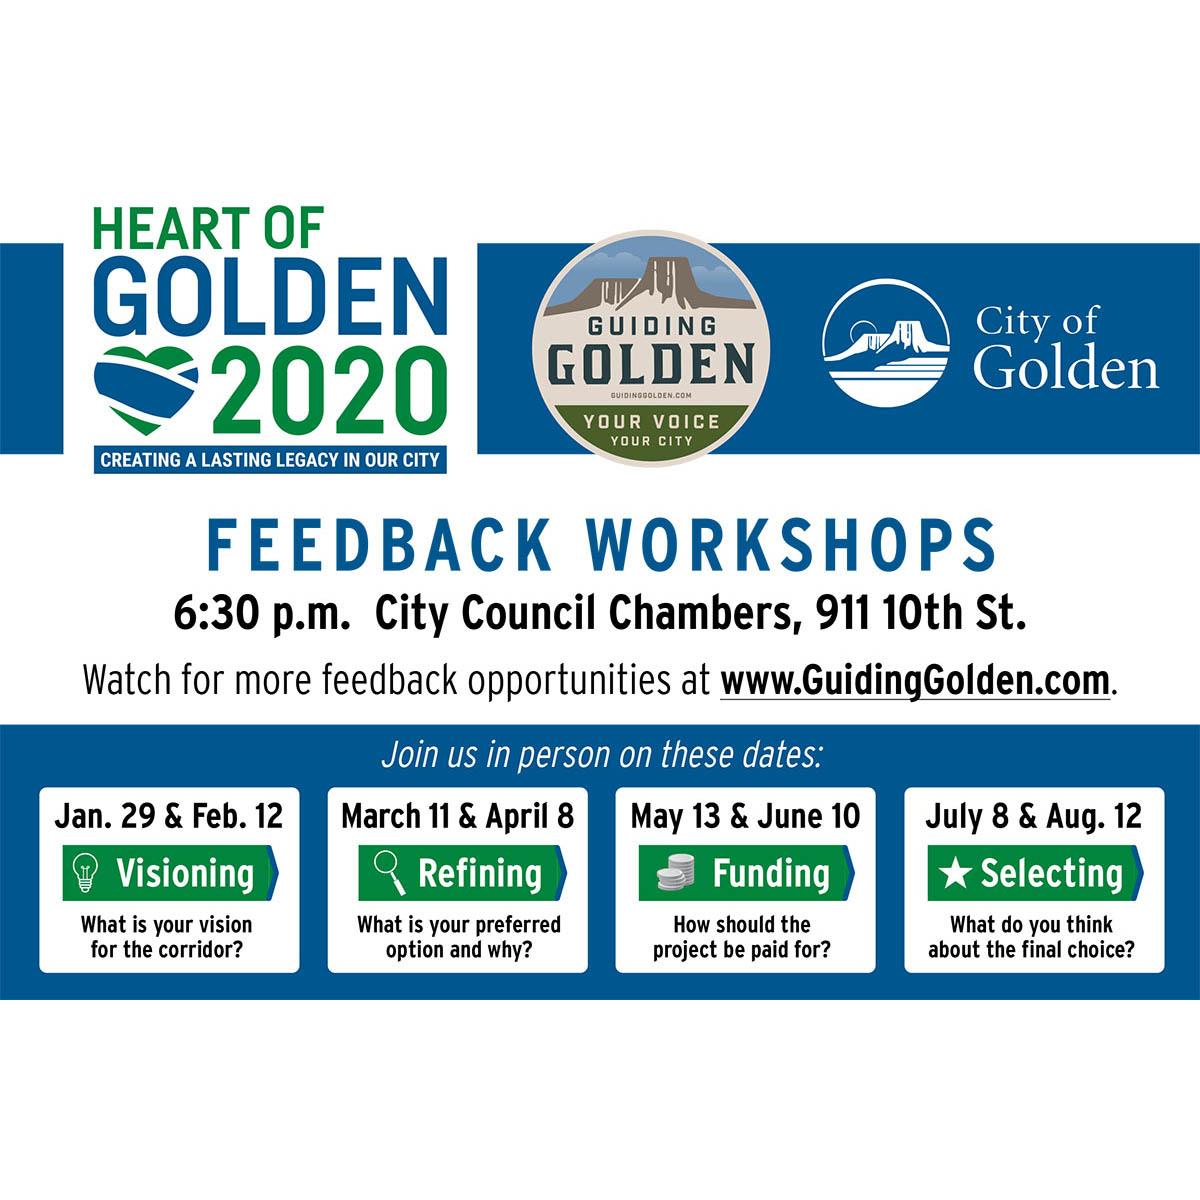 Heart of Golden 2020 Public Meeting schedule